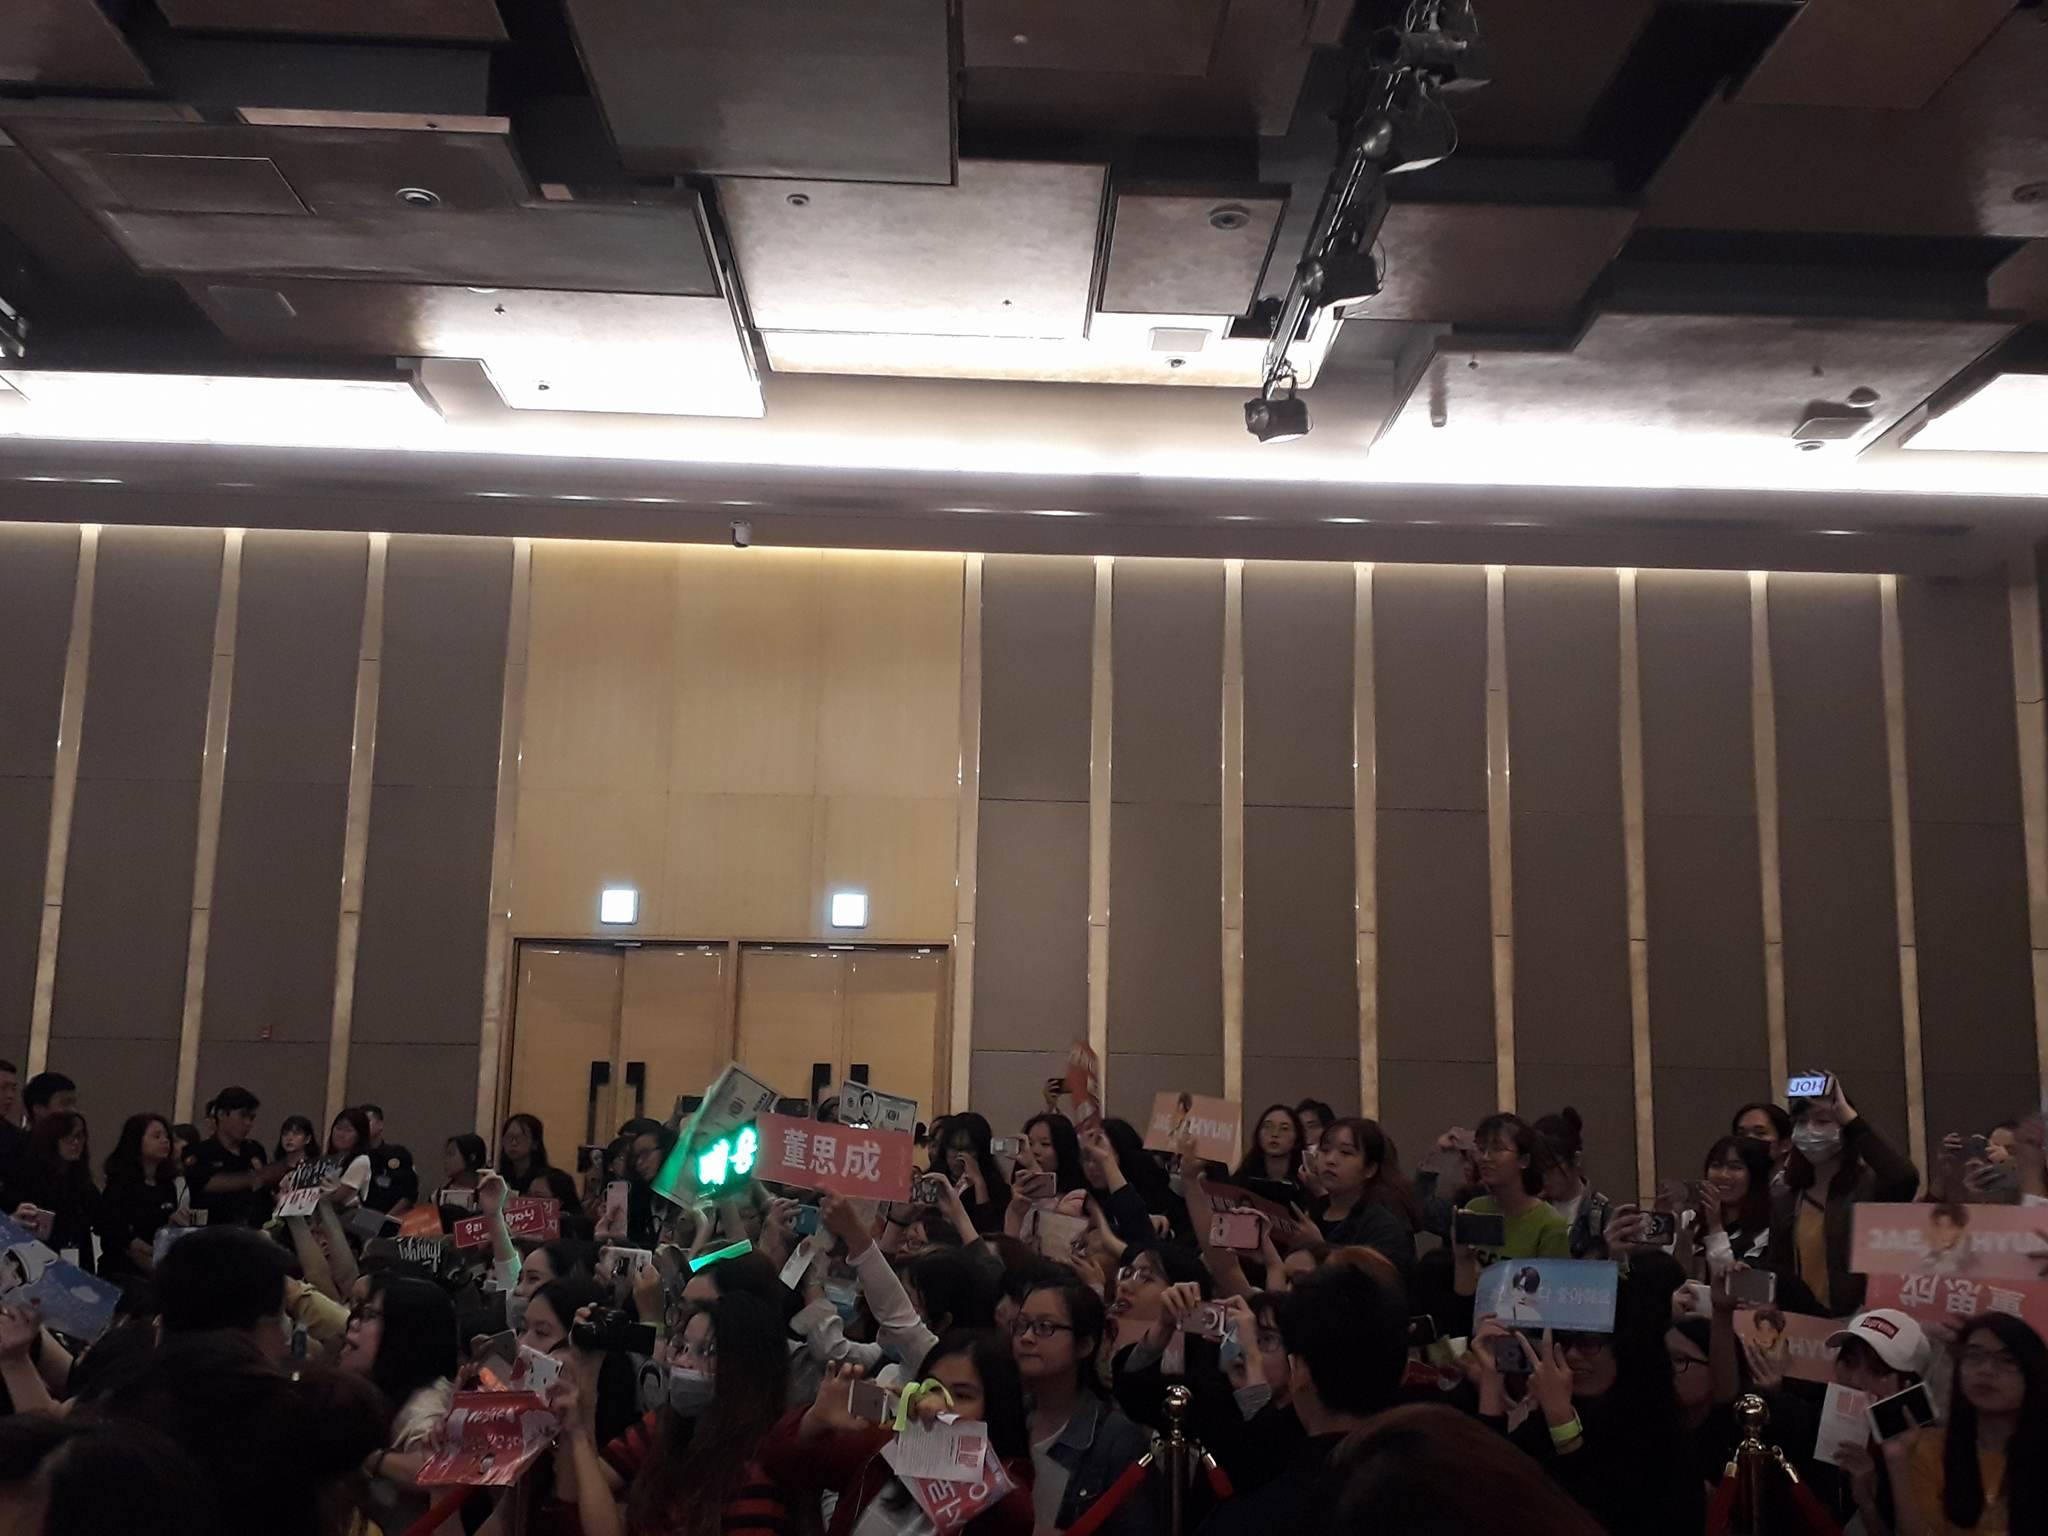 Rừng fan việt chào đón NCT 127 đến Việt Nam 3